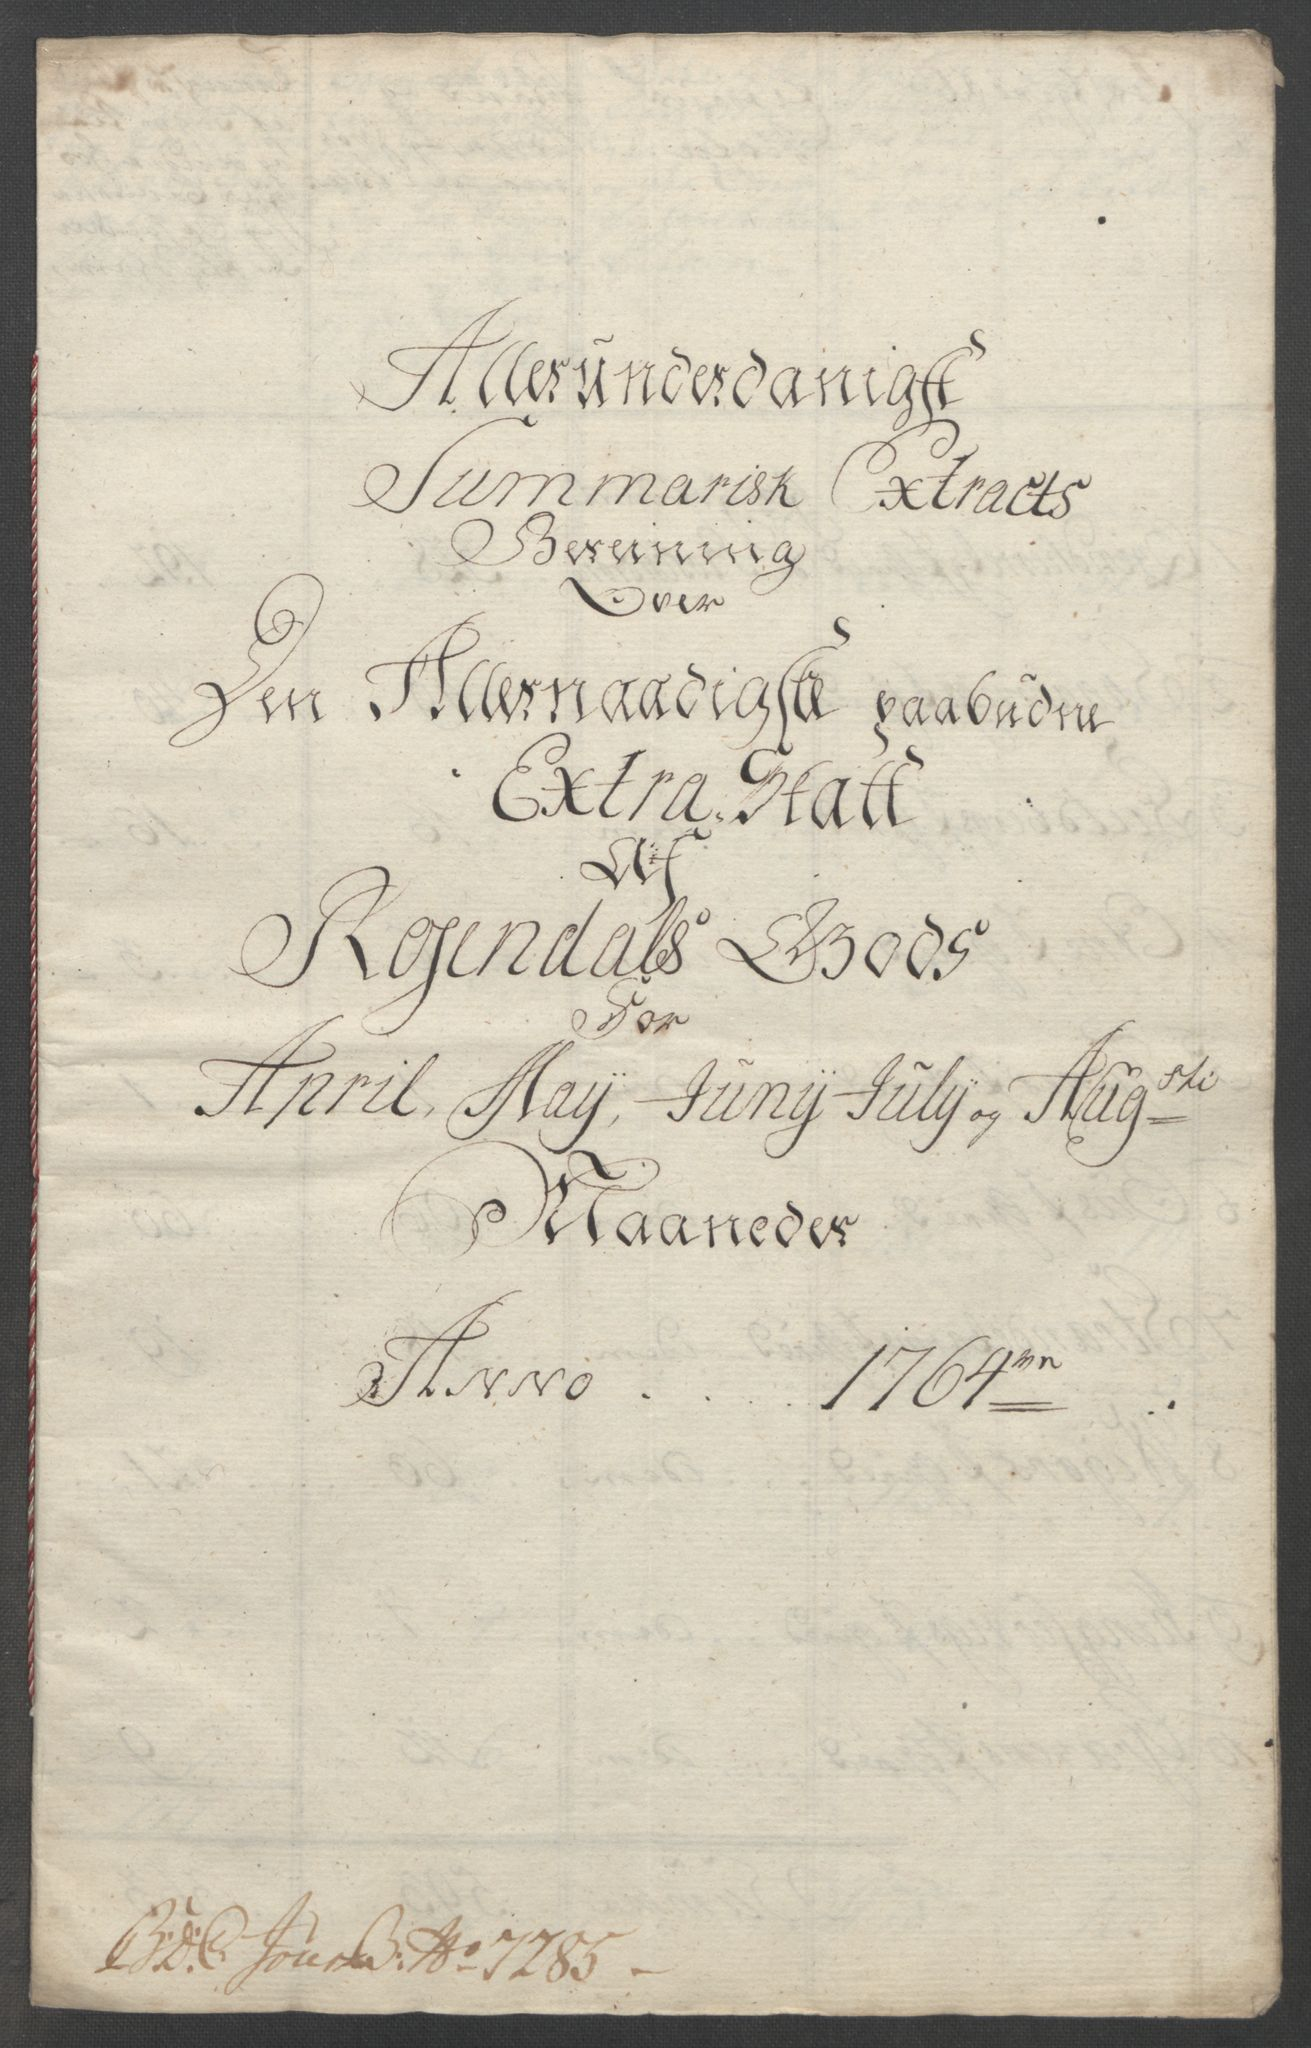 RA, Rentekammeret inntil 1814, Reviderte regnskaper, Fogderegnskap, R49/L3157: Ekstraskatten Rosendal Baroni, 1762-1772, s. 88